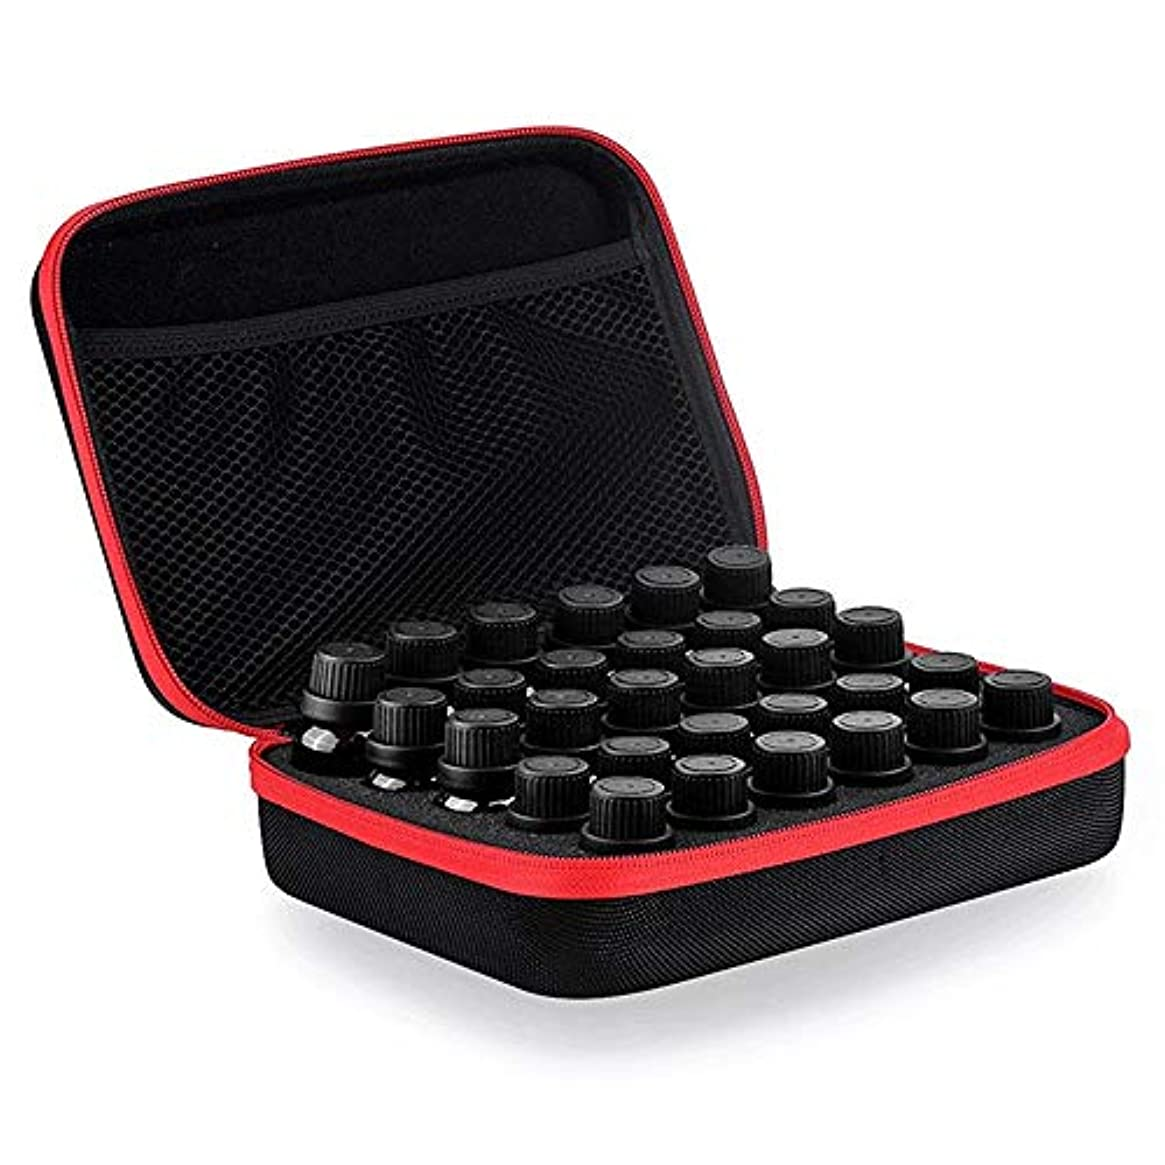 枕バーチャルするエッセンシャルオイルボックス 5ミリリットルを取るためにスーツケースに保持された油の30種類、10ミリリットル15ミリリットルボトル外観EVAハードシェル石油貯蔵バッグハンドルOrganzier完璧なディスプレイケース油...